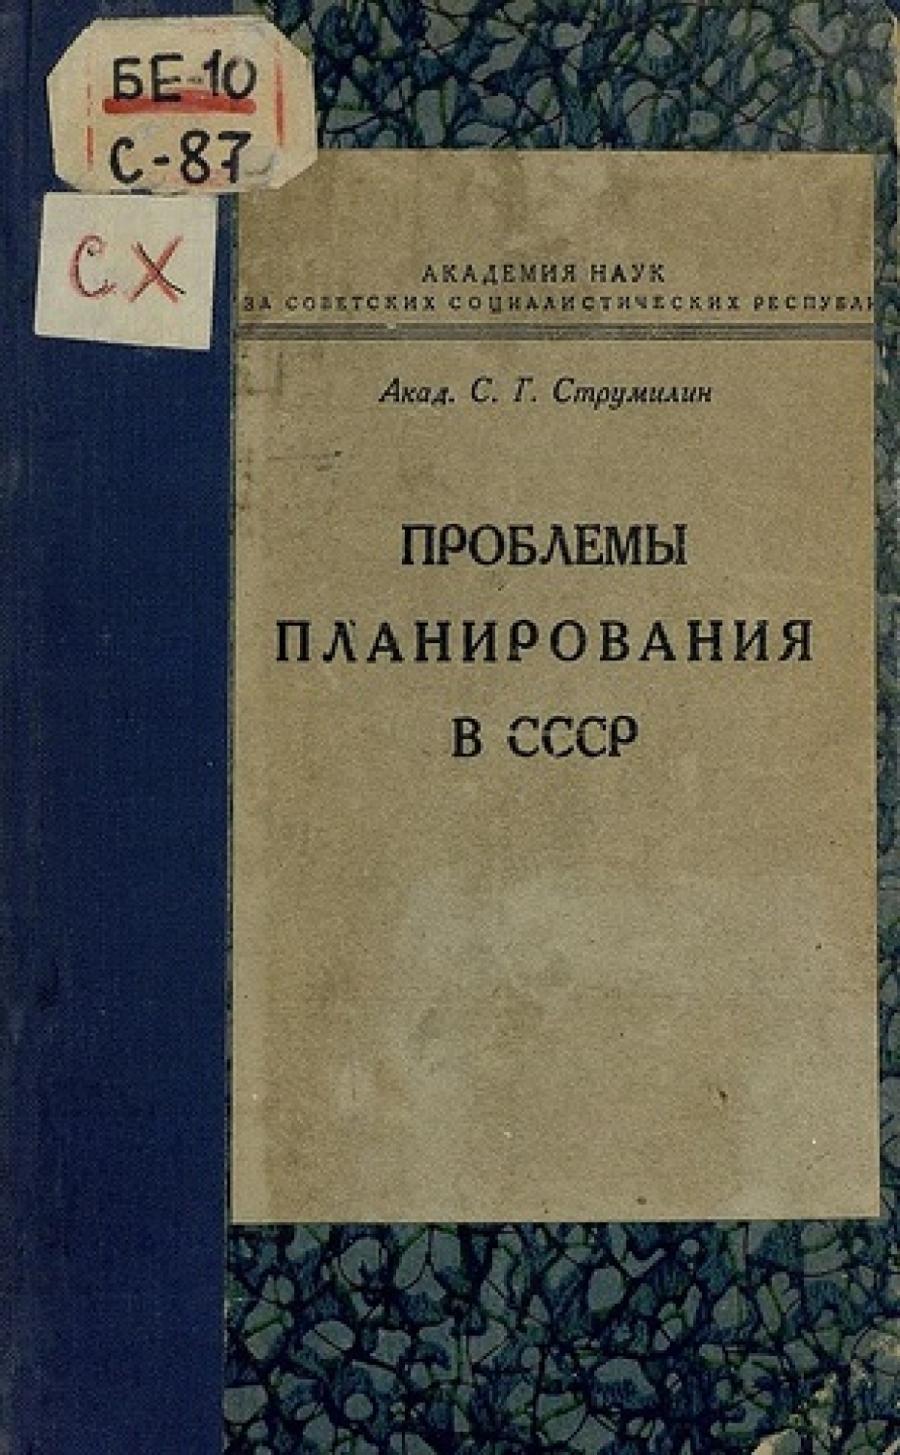 Обложка книги:  струмилин с.г. - проблемы планирования в ссср